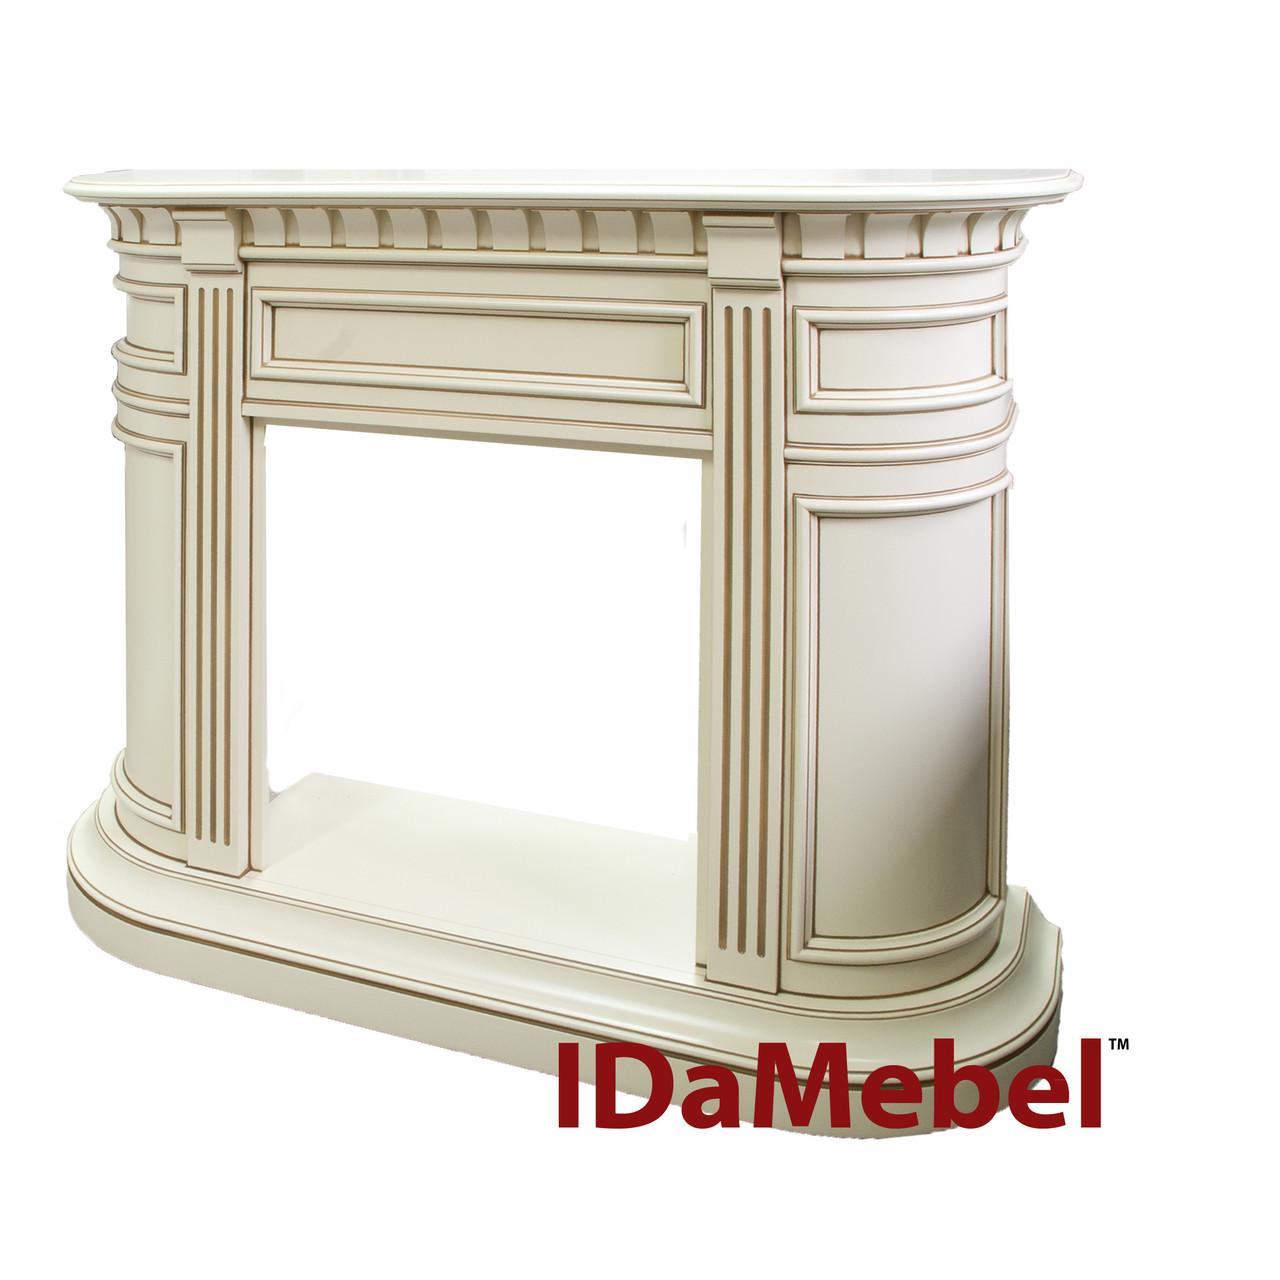 Портал IDaMebel Carlyle (индивидуальный заказ)